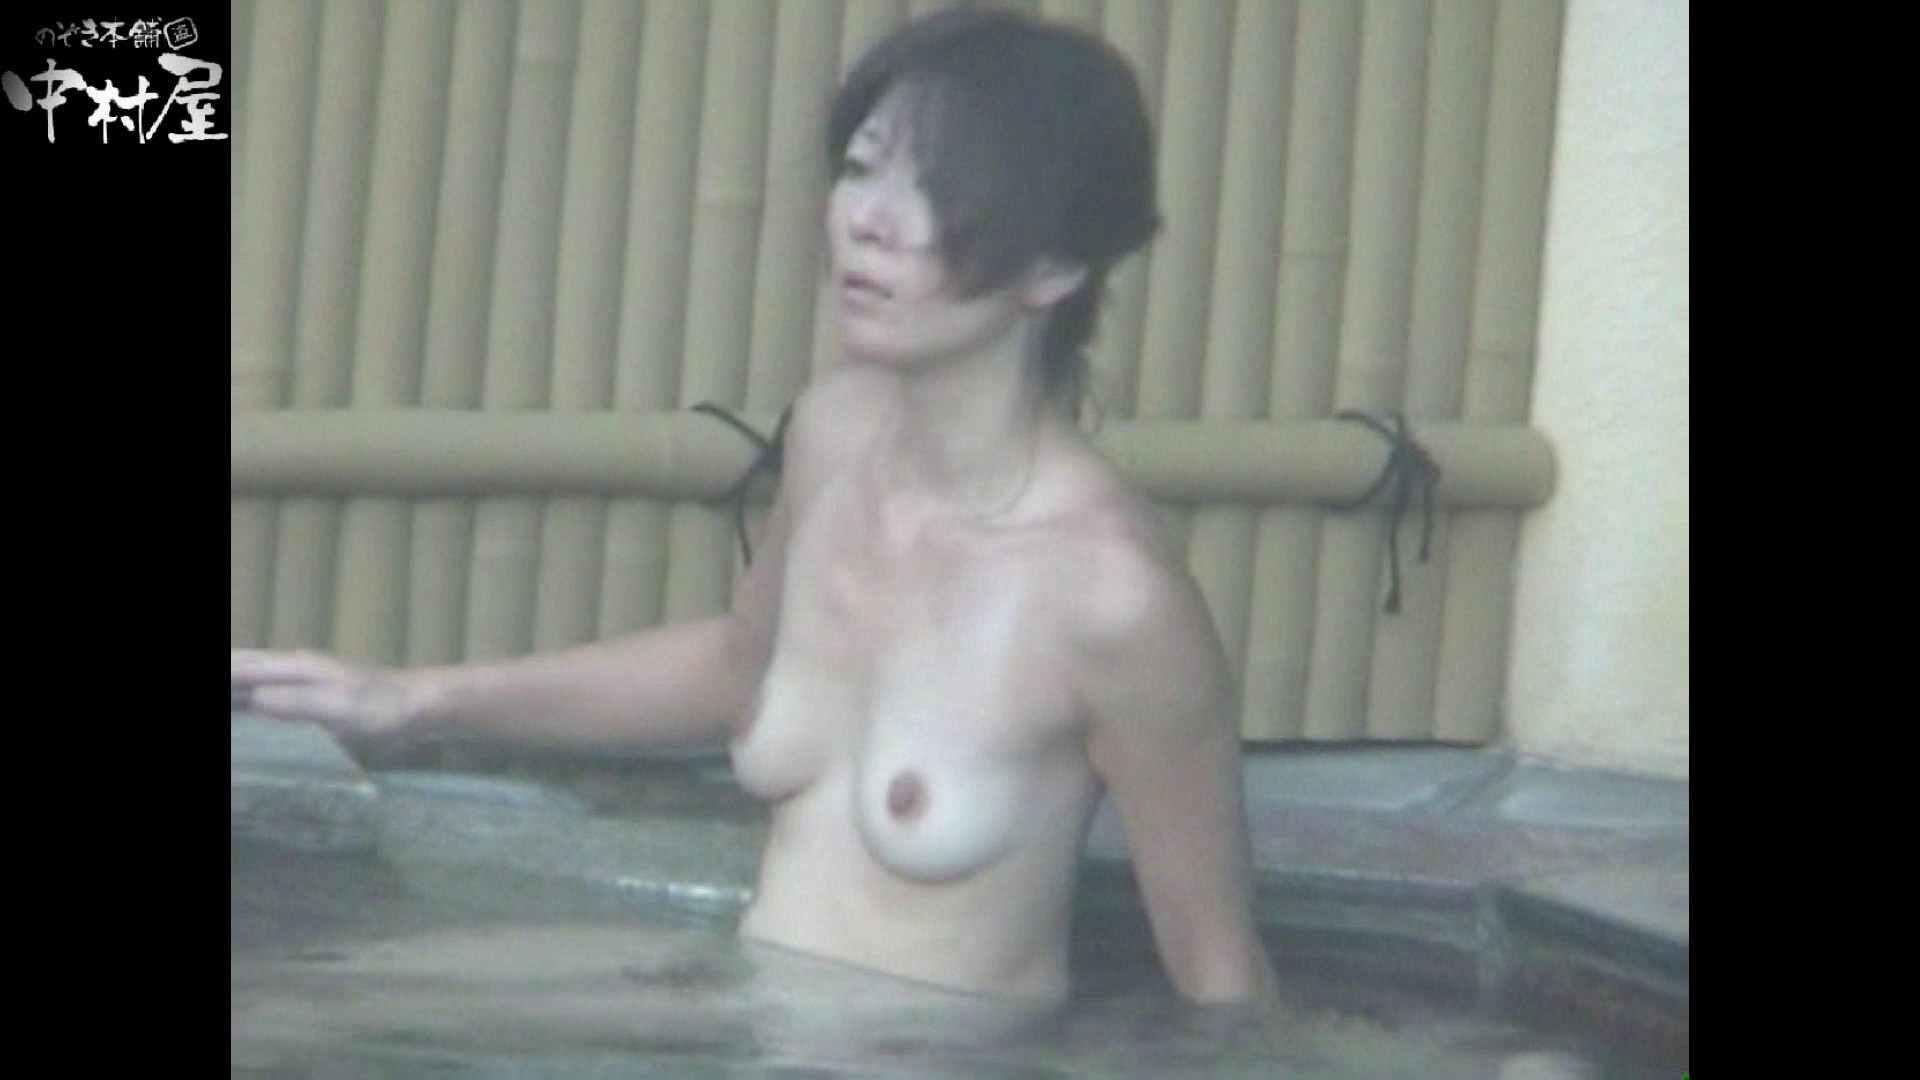 Aquaな露天風呂Vol.972 OLのエロ生活   盗撮  105連発 19